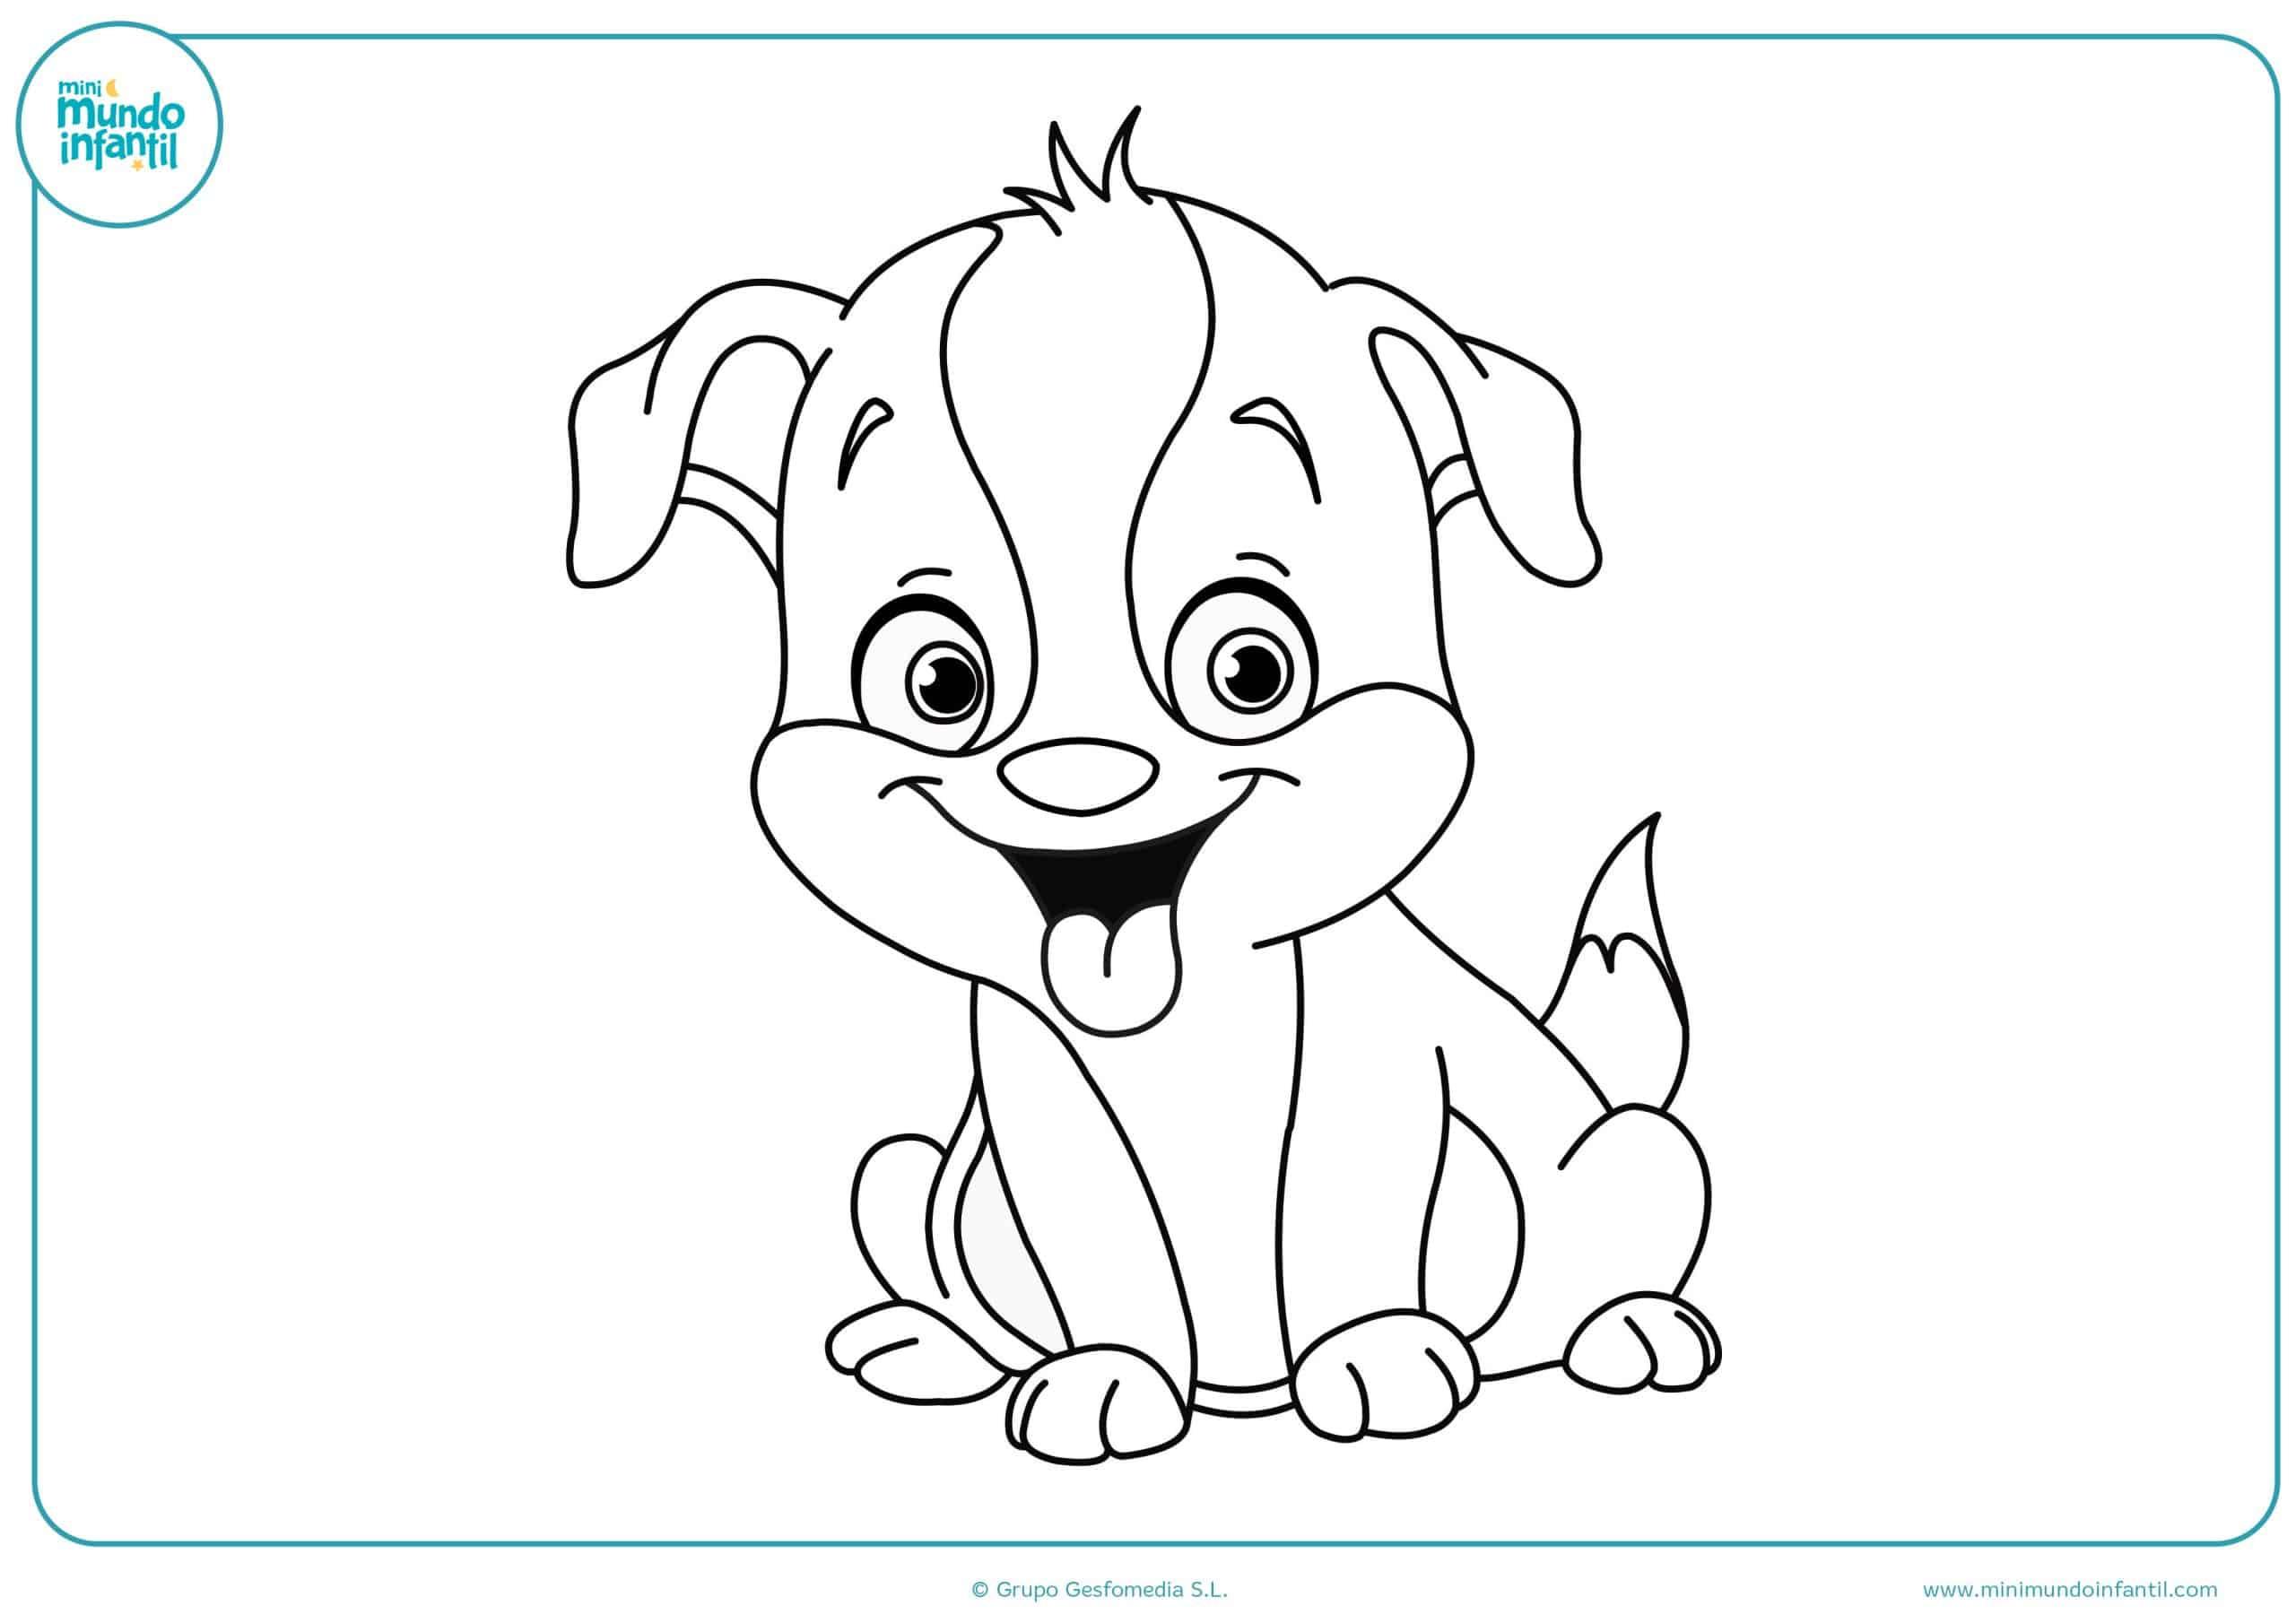 Dibujos De Perros Para Colorear A Lápiz Y Fáciles